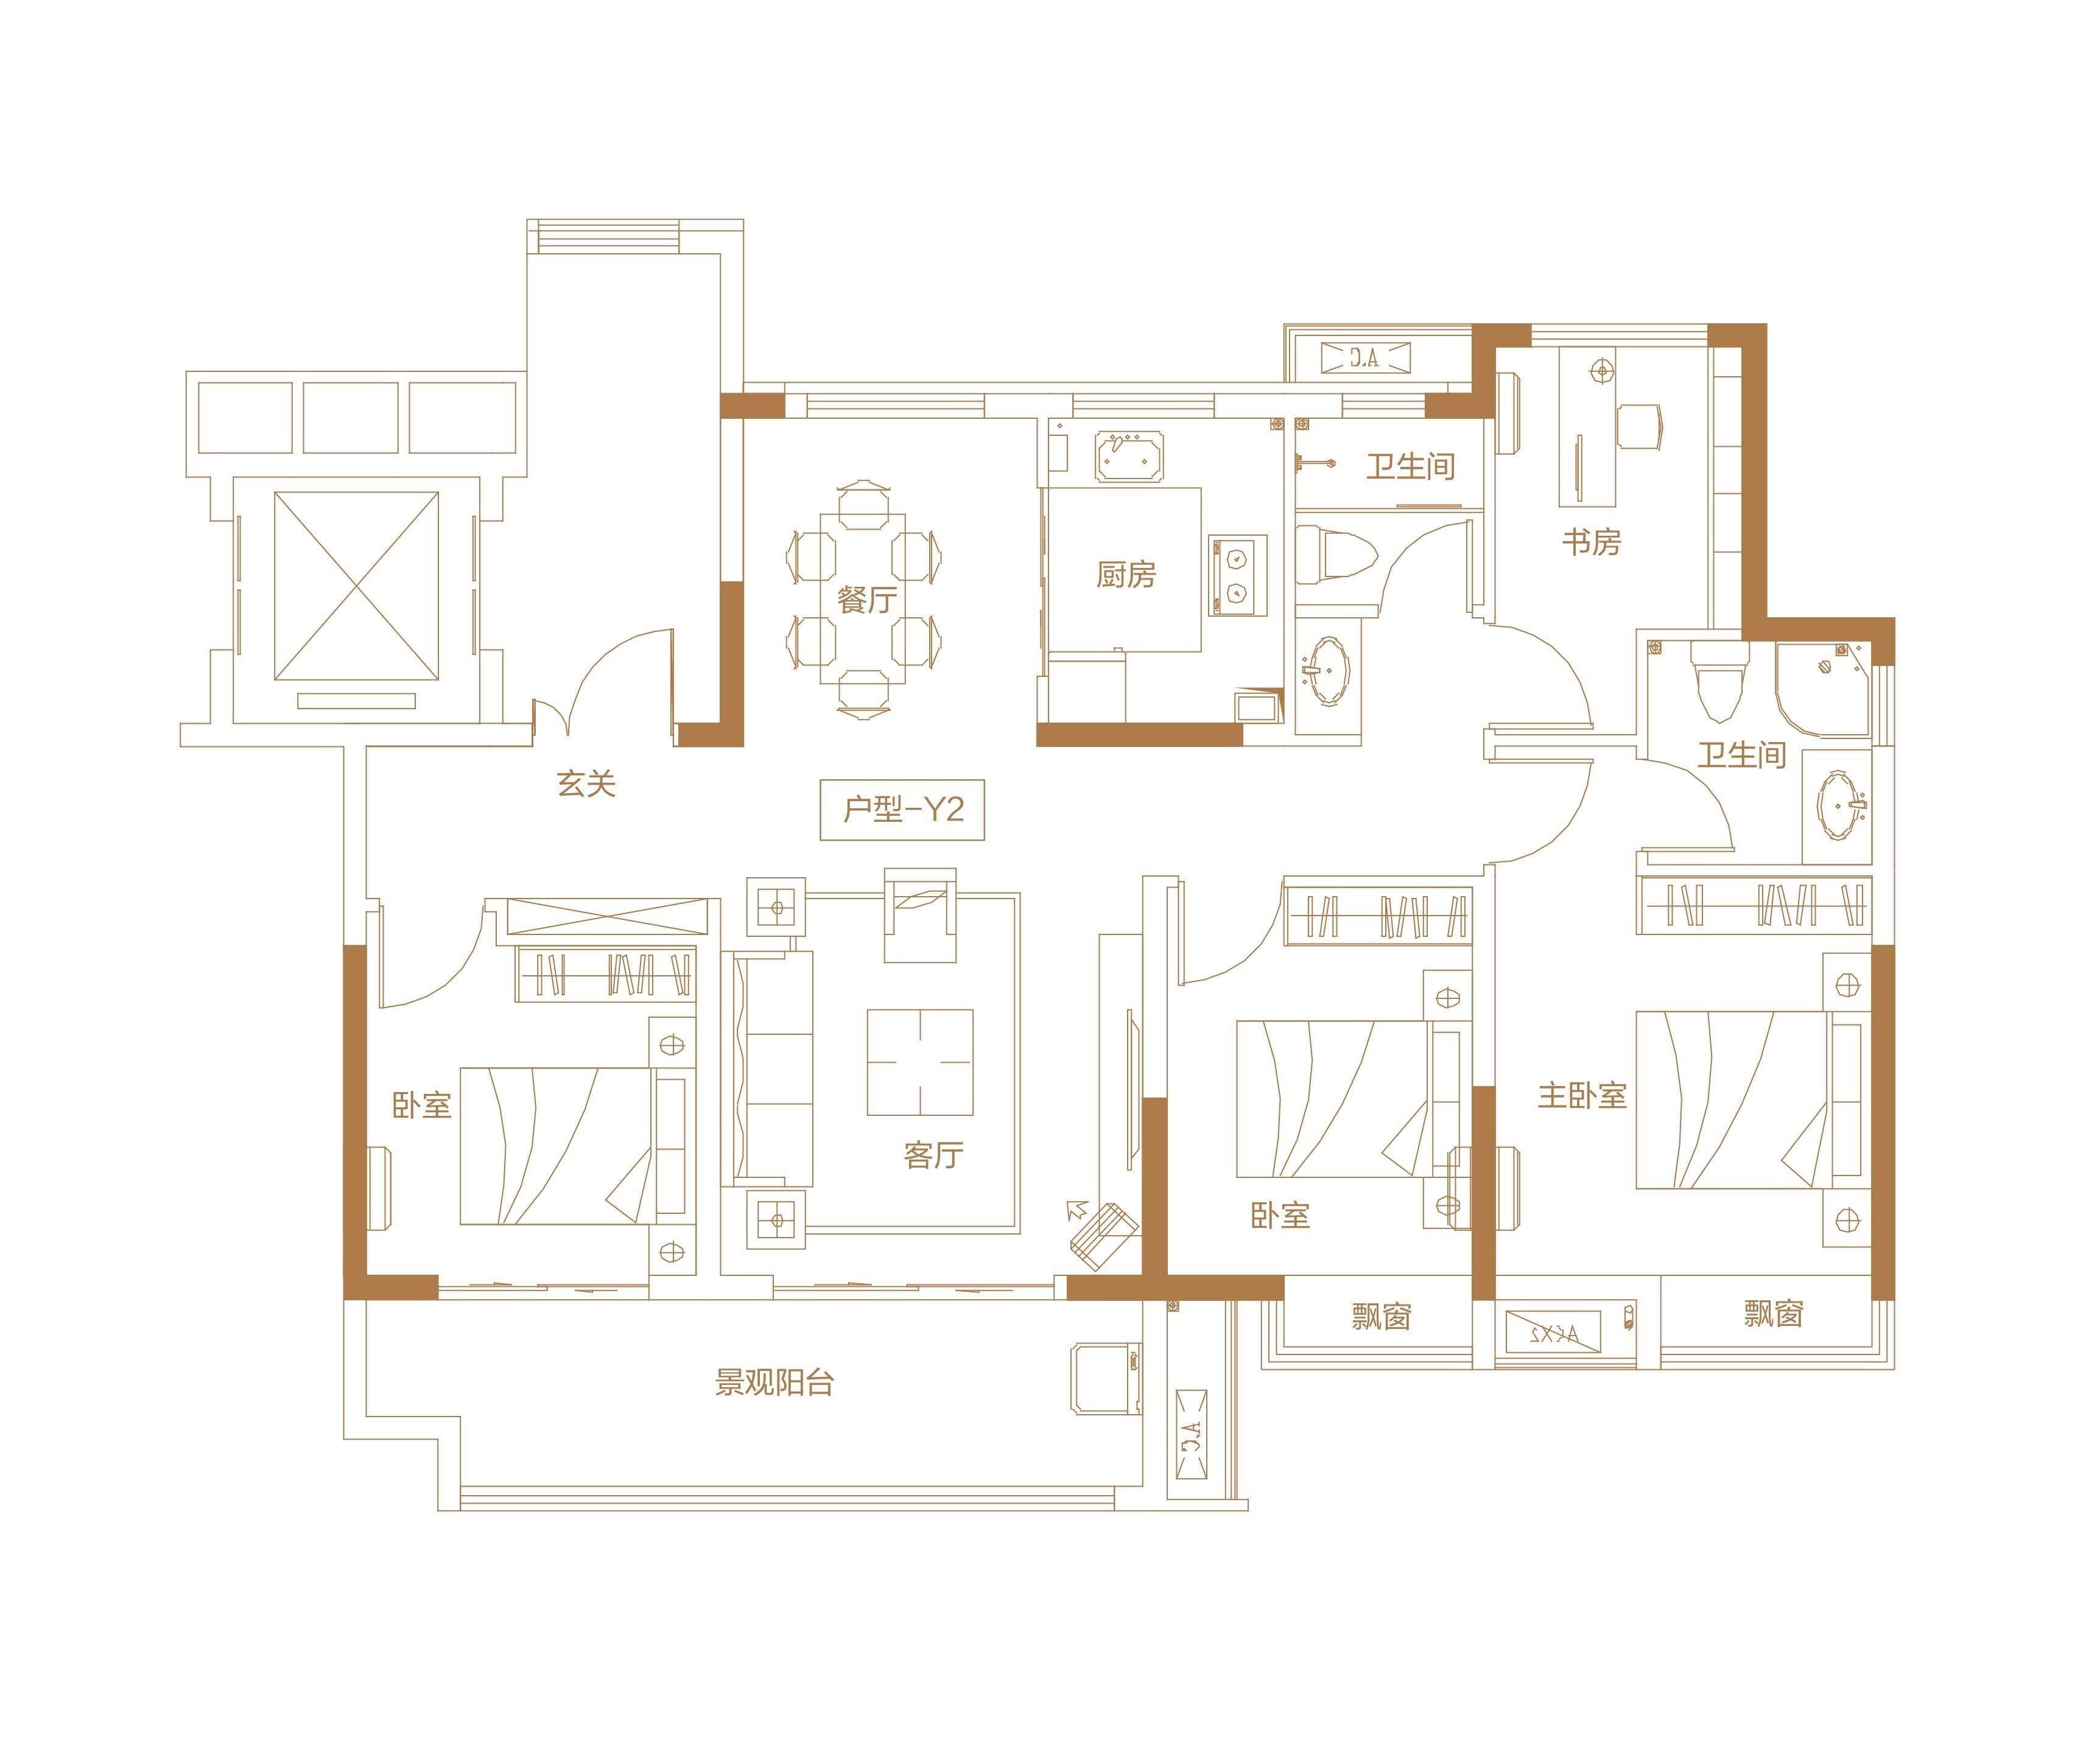 北京城房·春华园 洋房Y2户型建面约123㎡ 202010